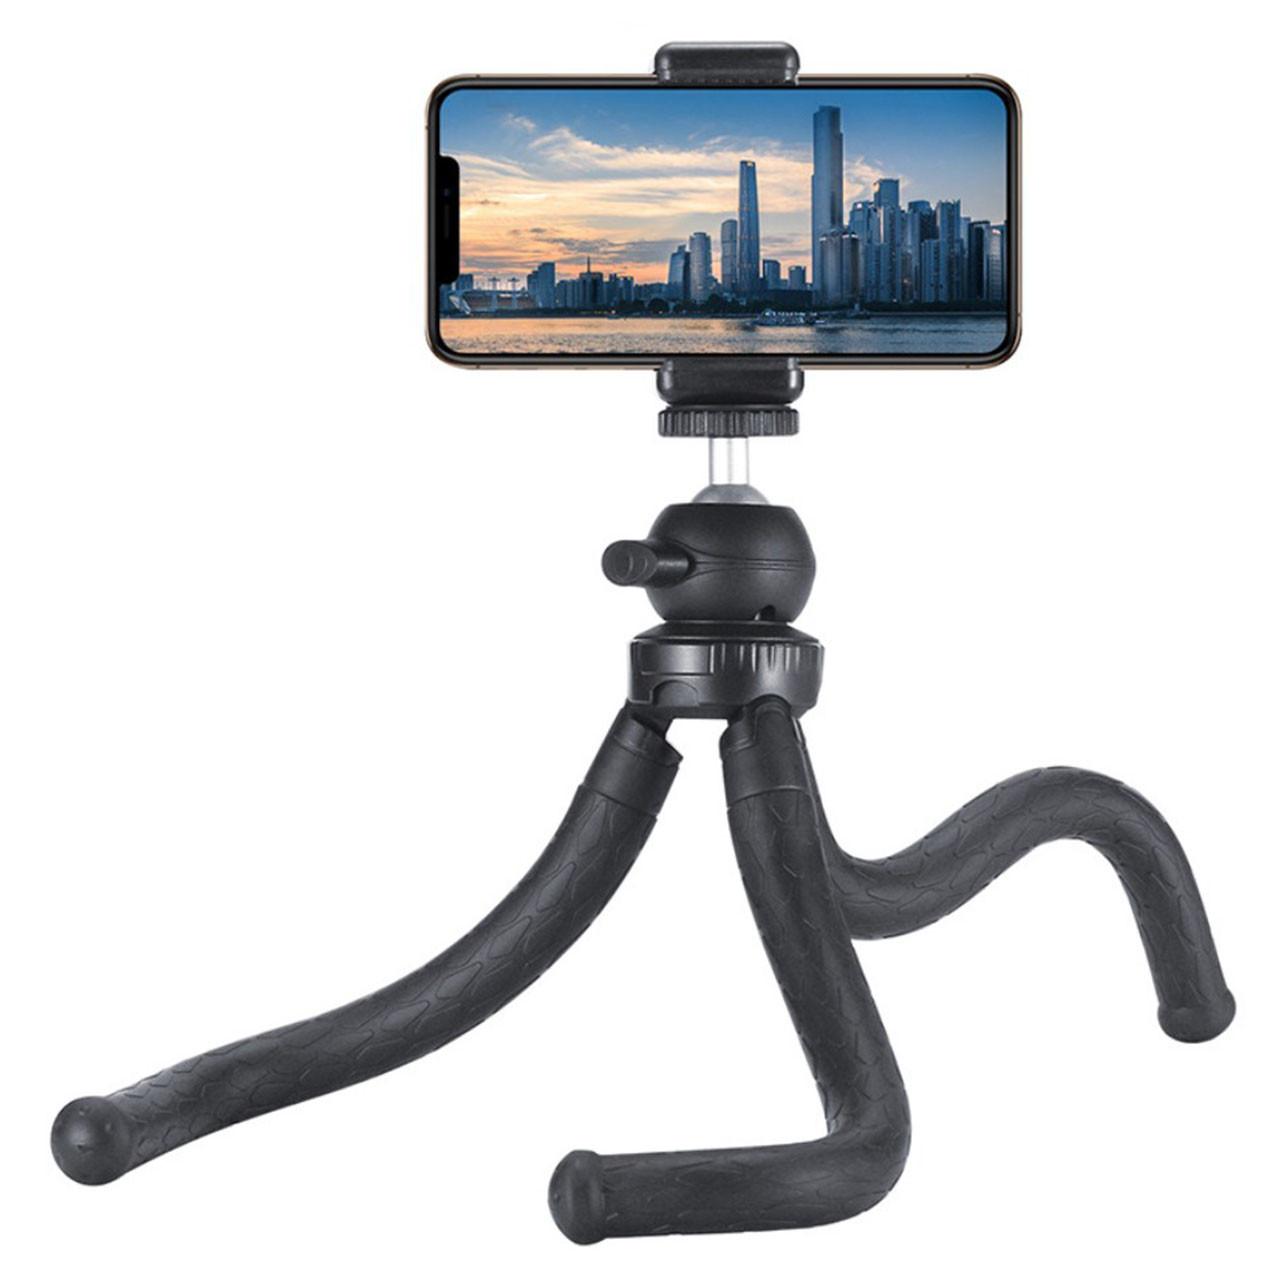 Штатив гибкий Ulanzi MT-07 Tripod прорезиненный трипод со съемной головкой для камер и смартфонов